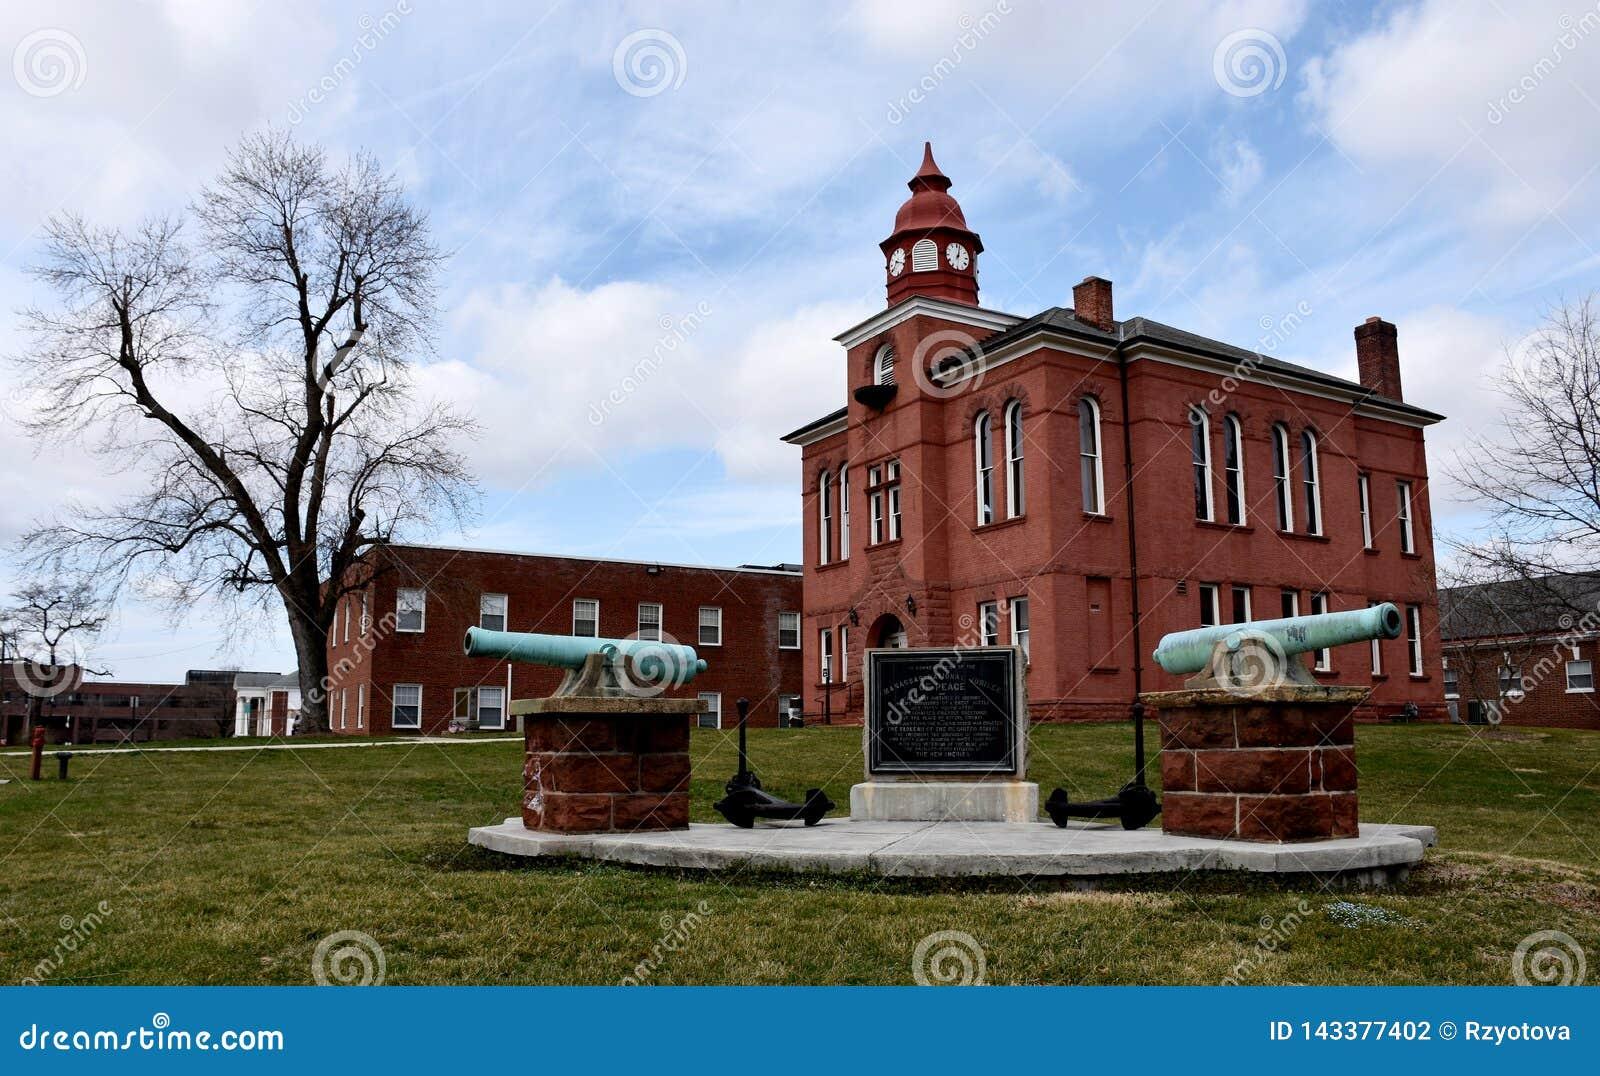 历史的奥尔德敦马纳萨斯,威廉王子县法院大楼,弗吉尼亚